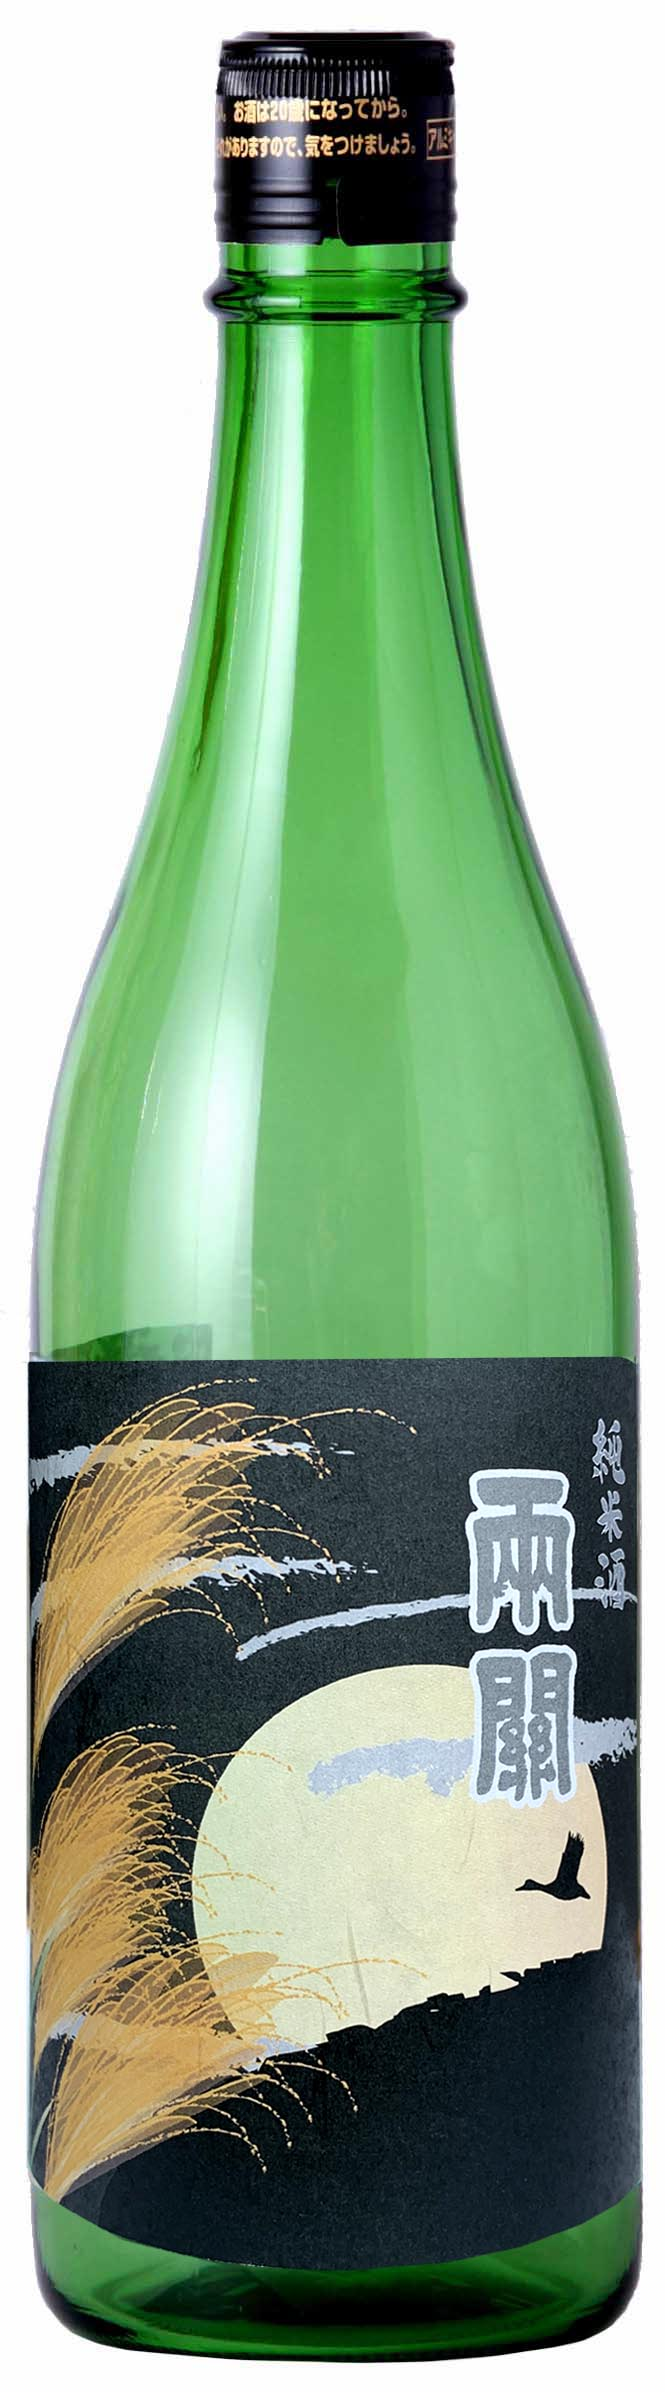 季節ラベル純米酒720ml(9-10)